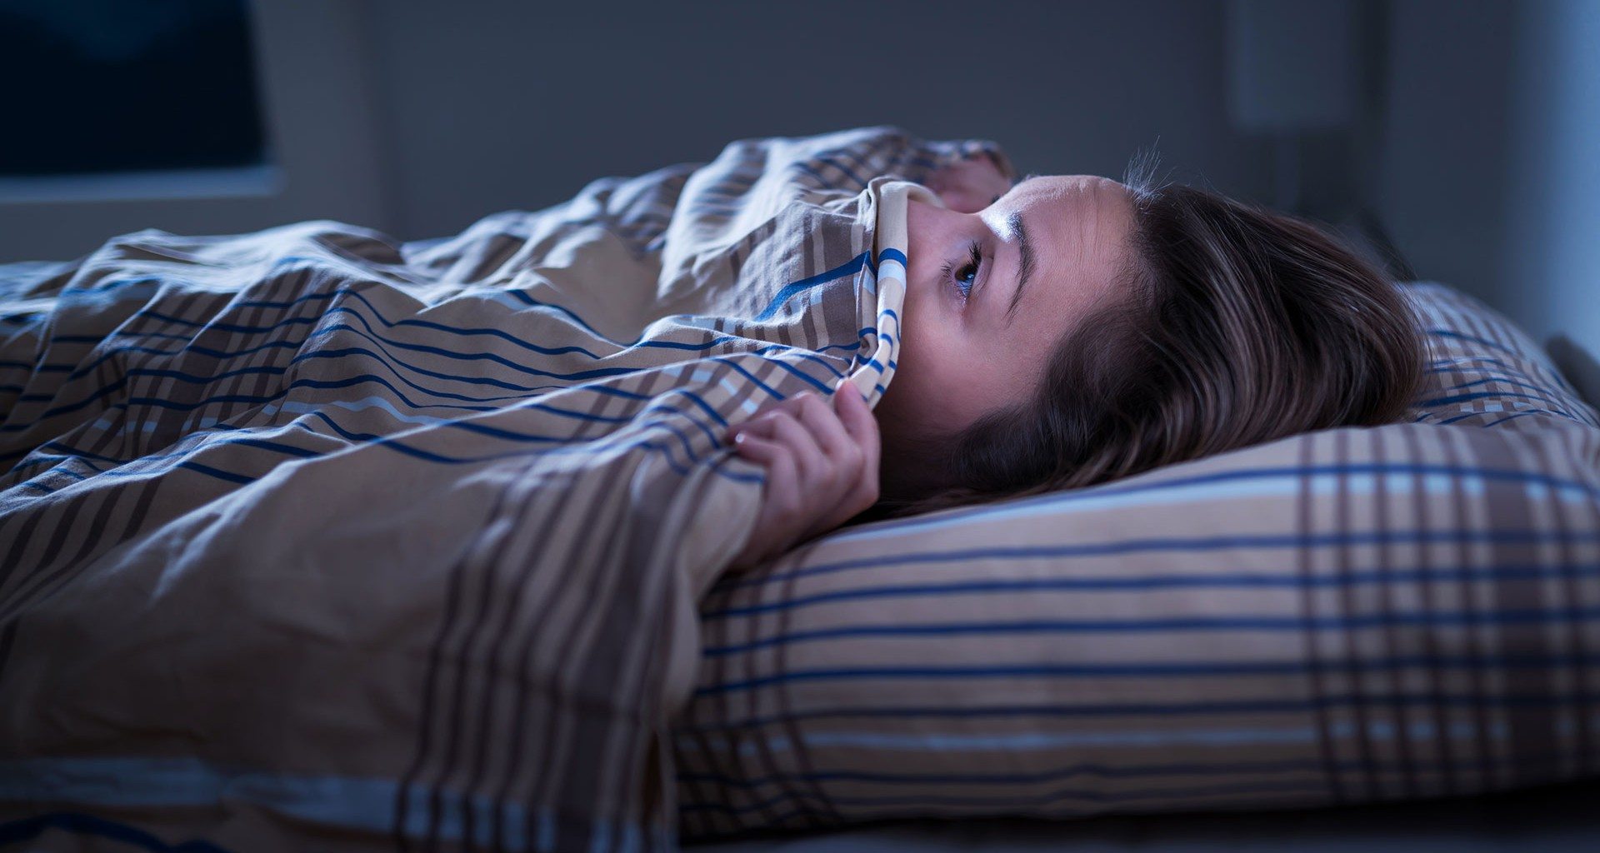 ¿Has tenido muchos sueños extraños últimamente? Un neurocientífico revela lo que realmente te ocurre